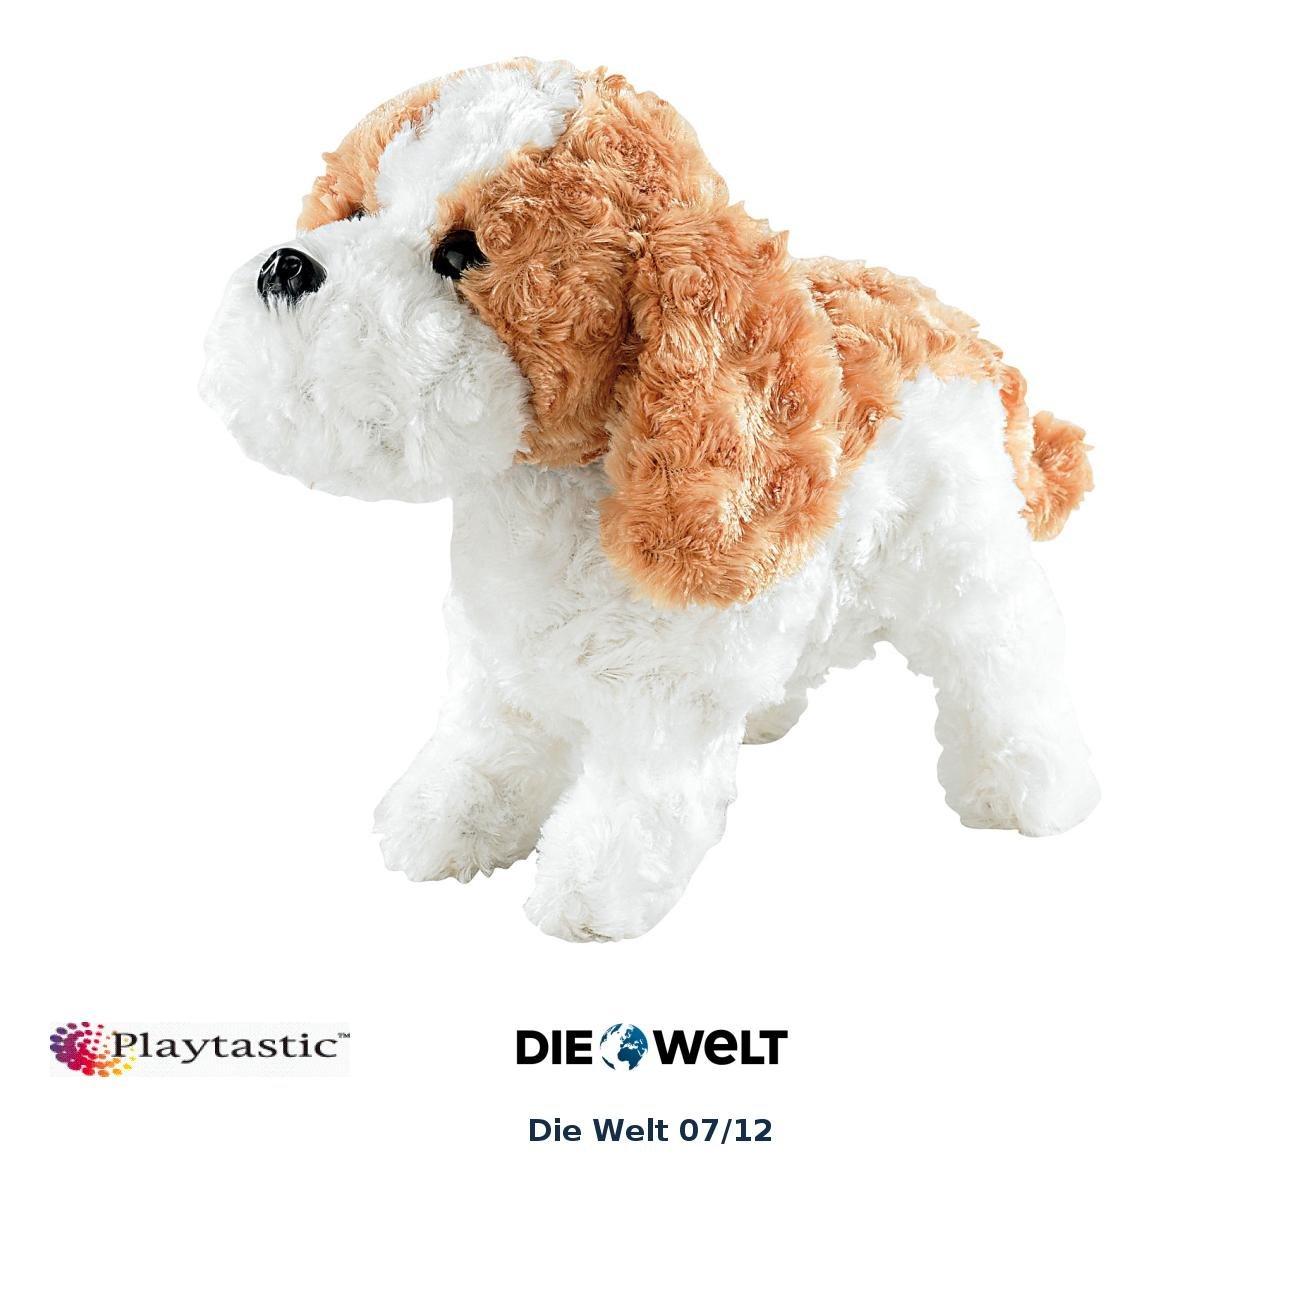 Playtastic Plüschhund: Plüsch-Funktionshund mit Akustik- & Berührungssensoren (Spielzeug Hund mit Funktion)